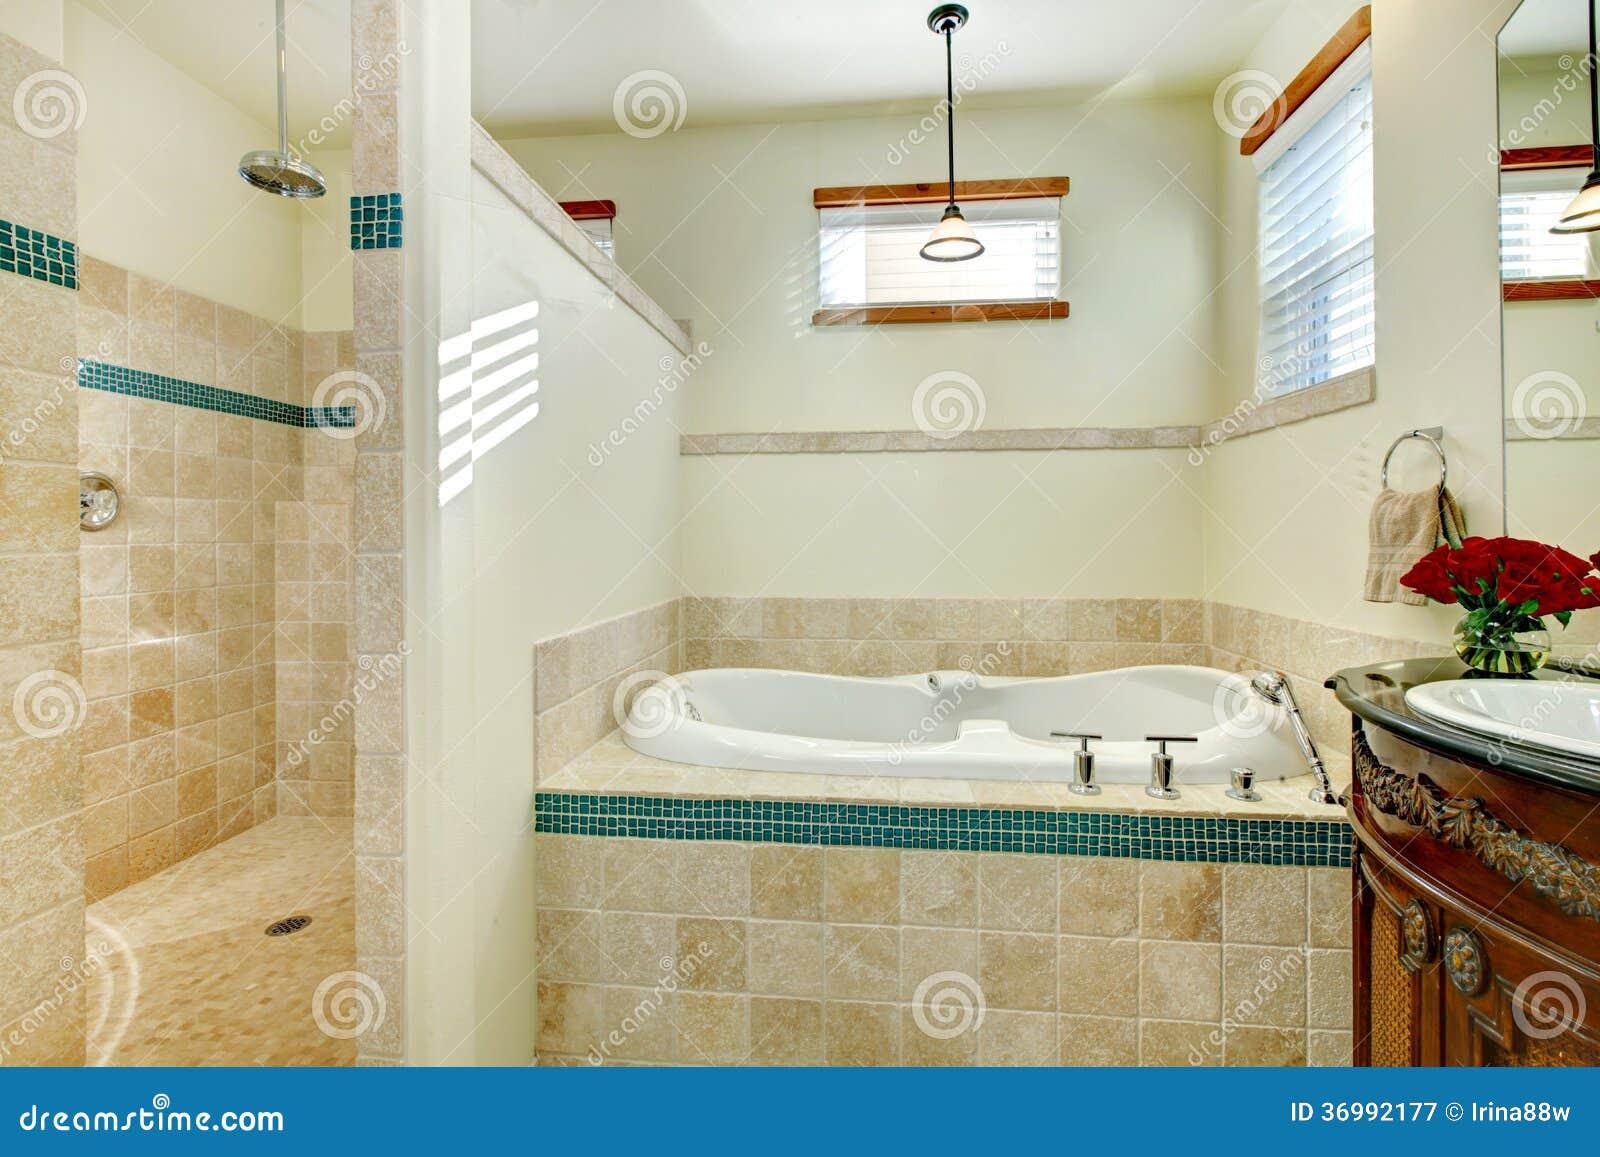 Gabinetes De Baño Pr:Cuarto de baño moderno elegante con un gabinete de almacenamiento de